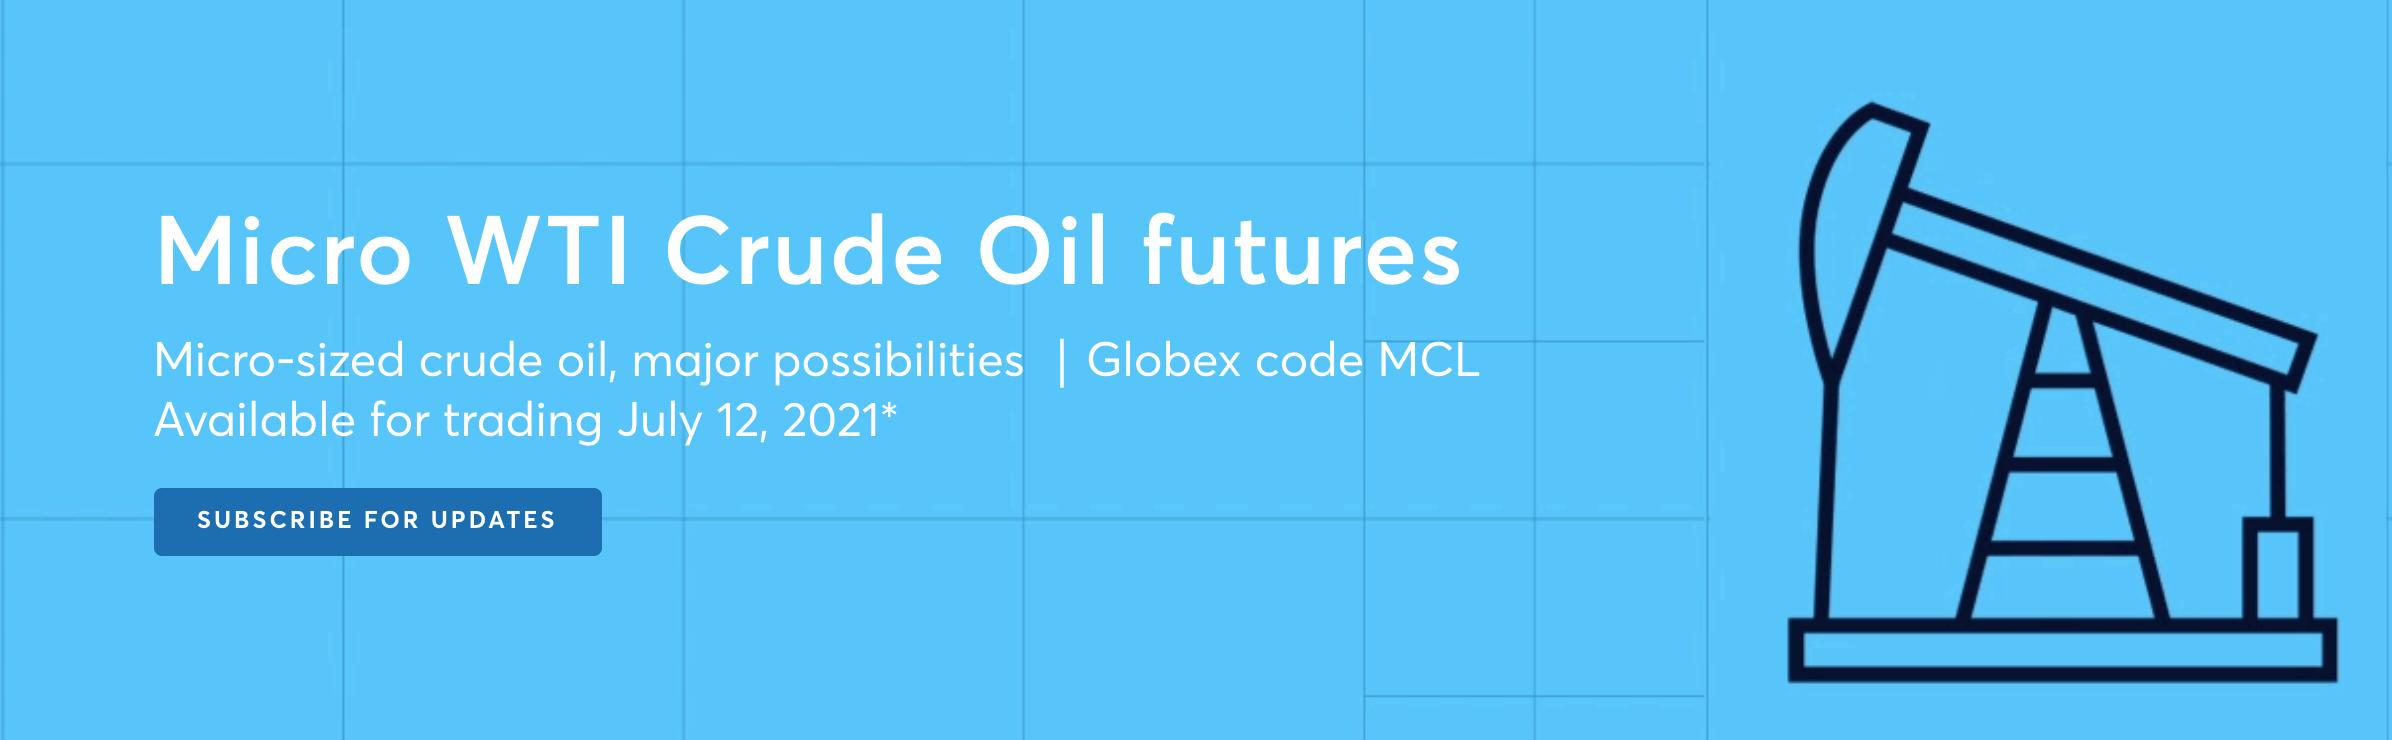 Micro WTI Crude Oil futures - LAUNCH